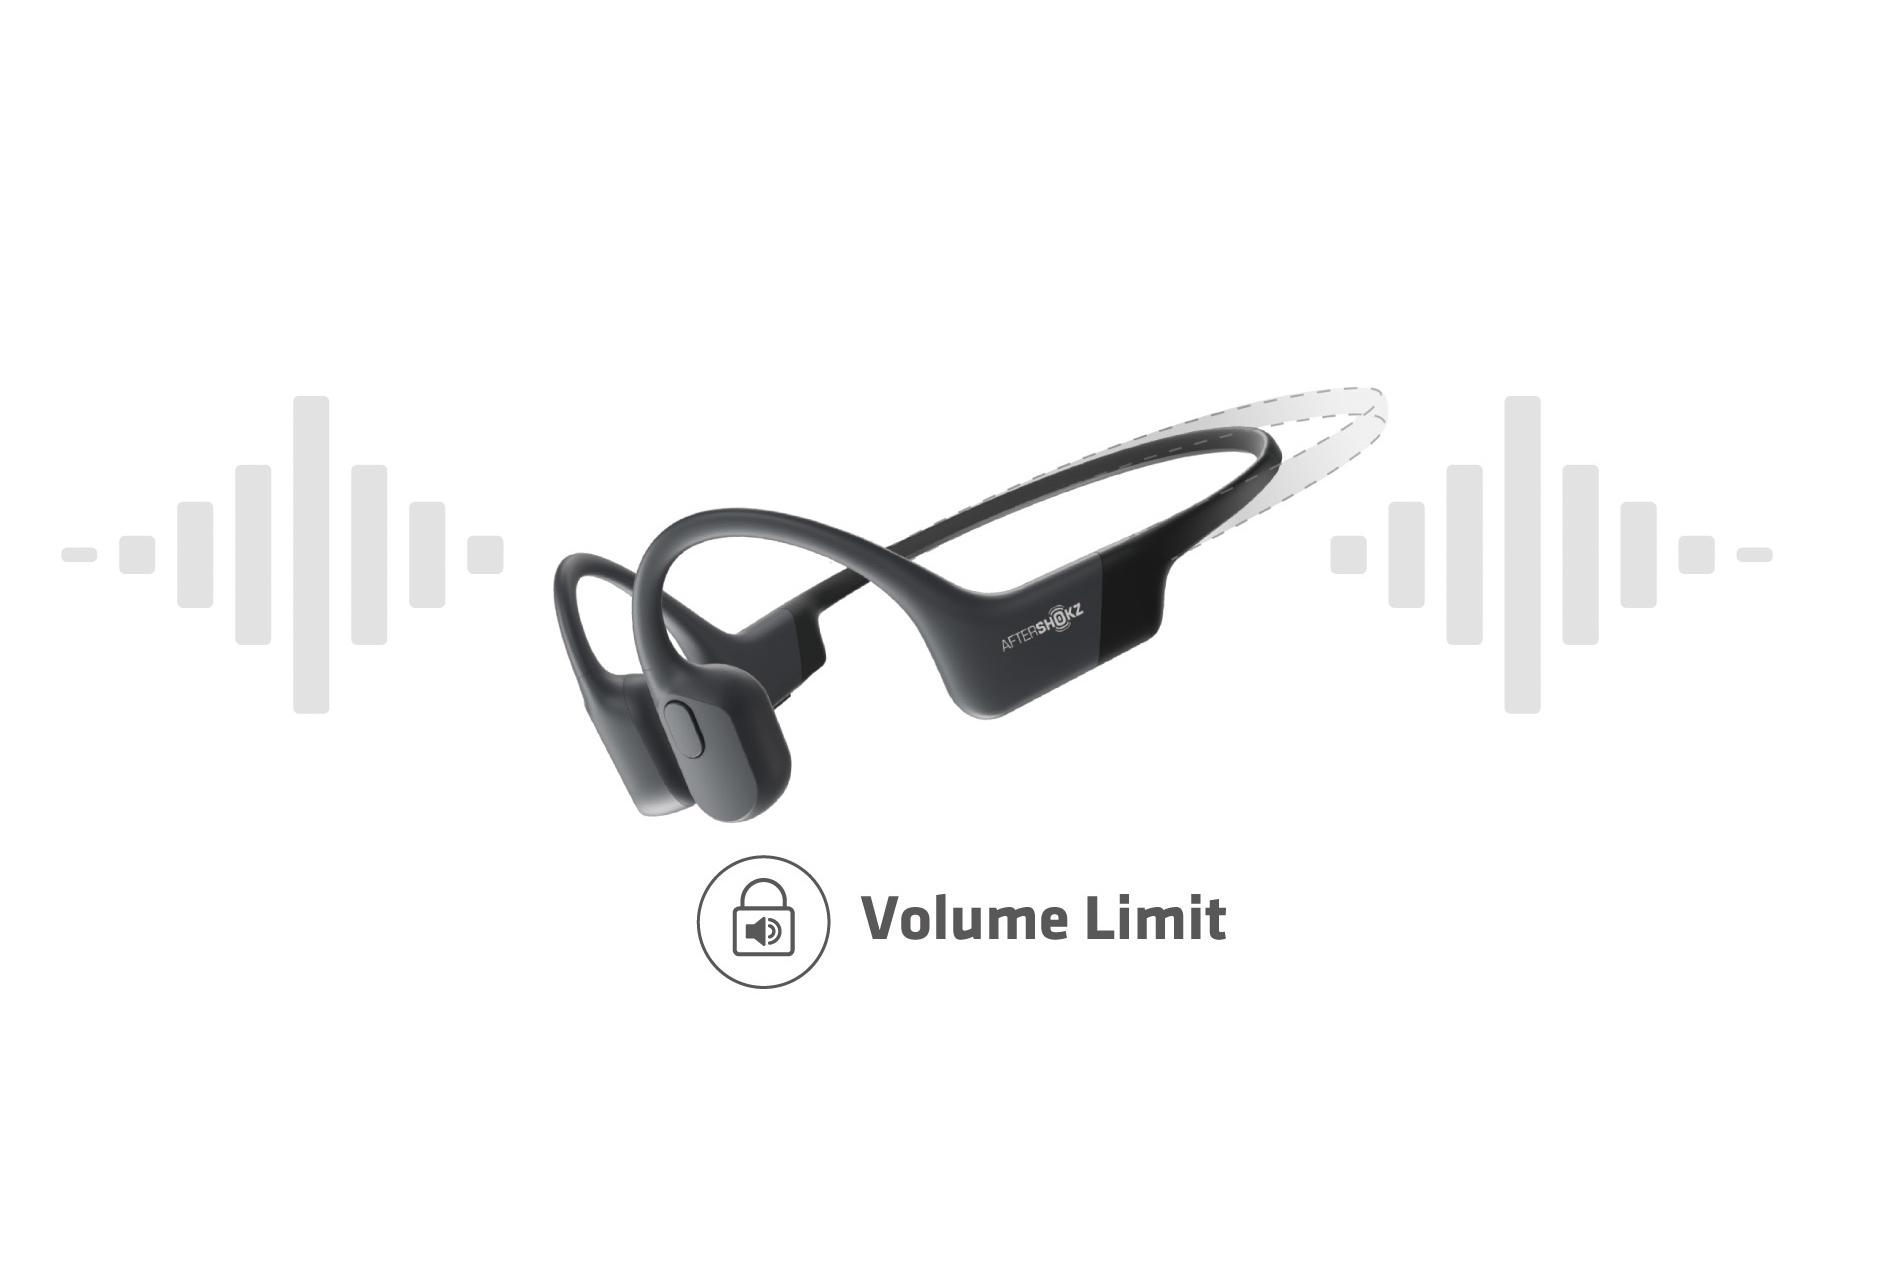 聴覚を保護する最大音量制限機能